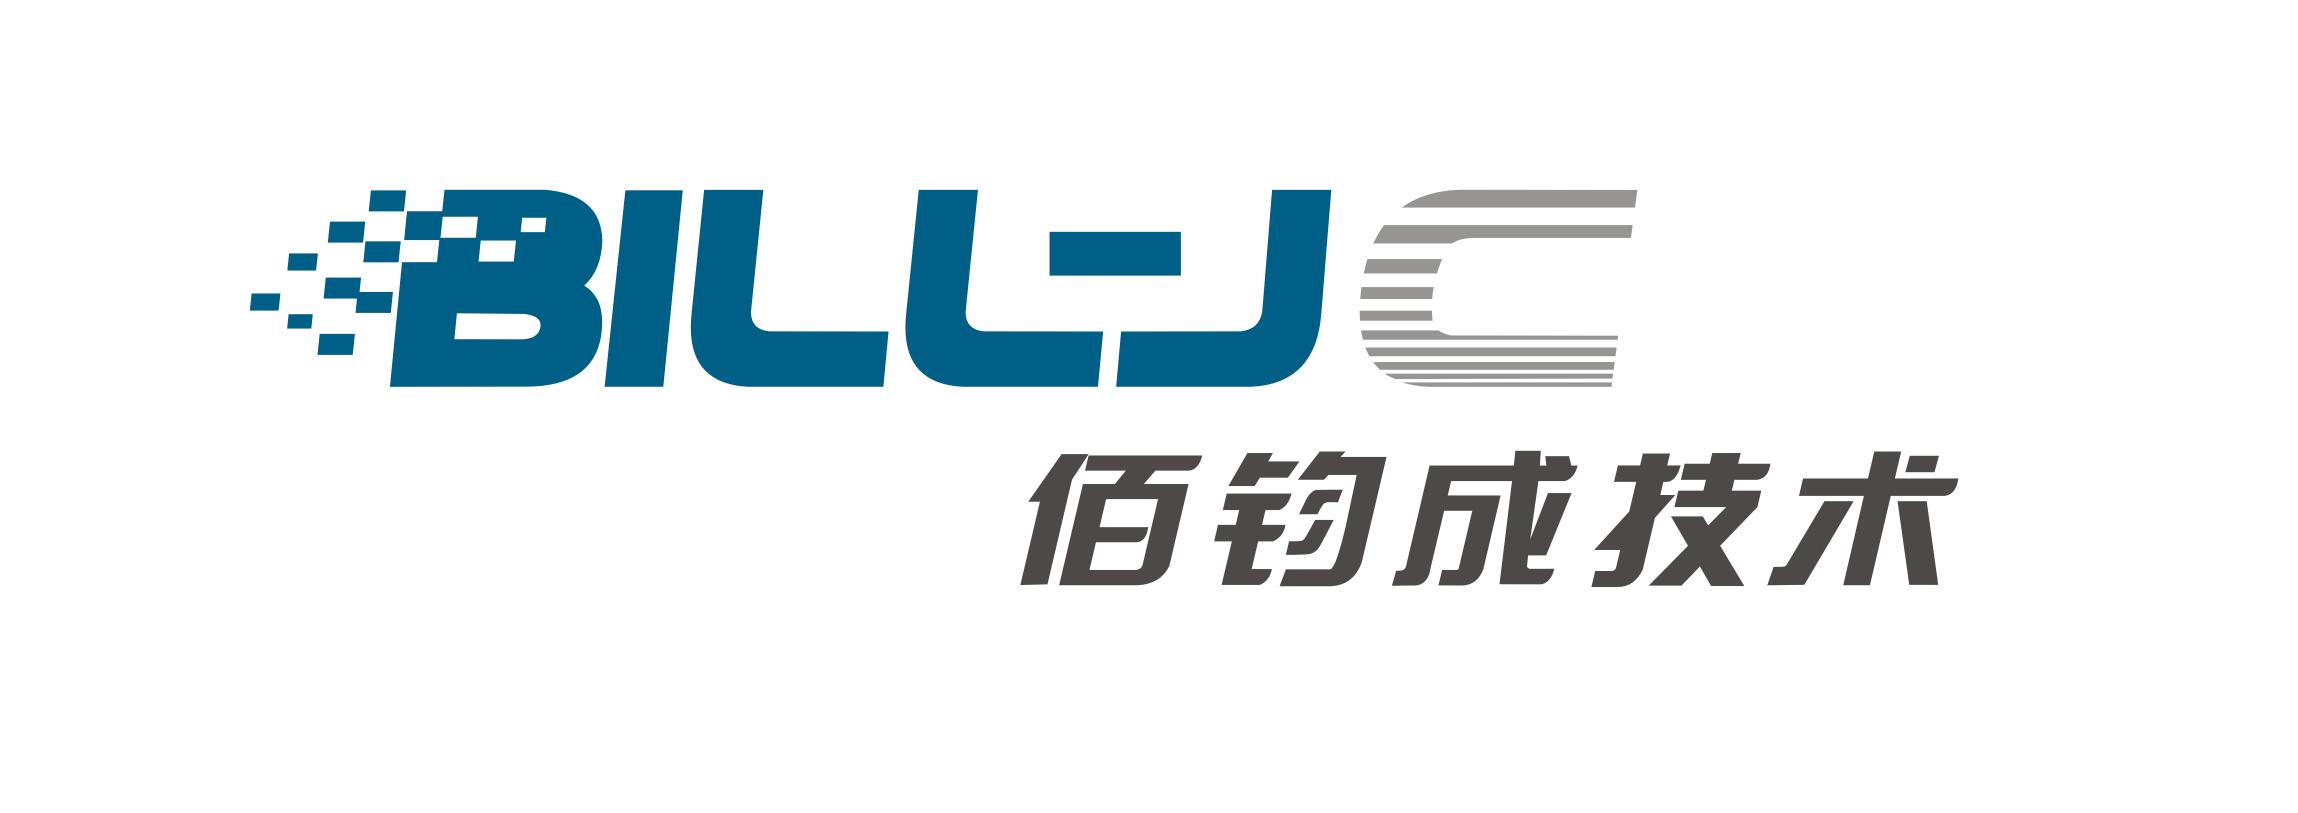 武汉佰钧成技术有限责任公司